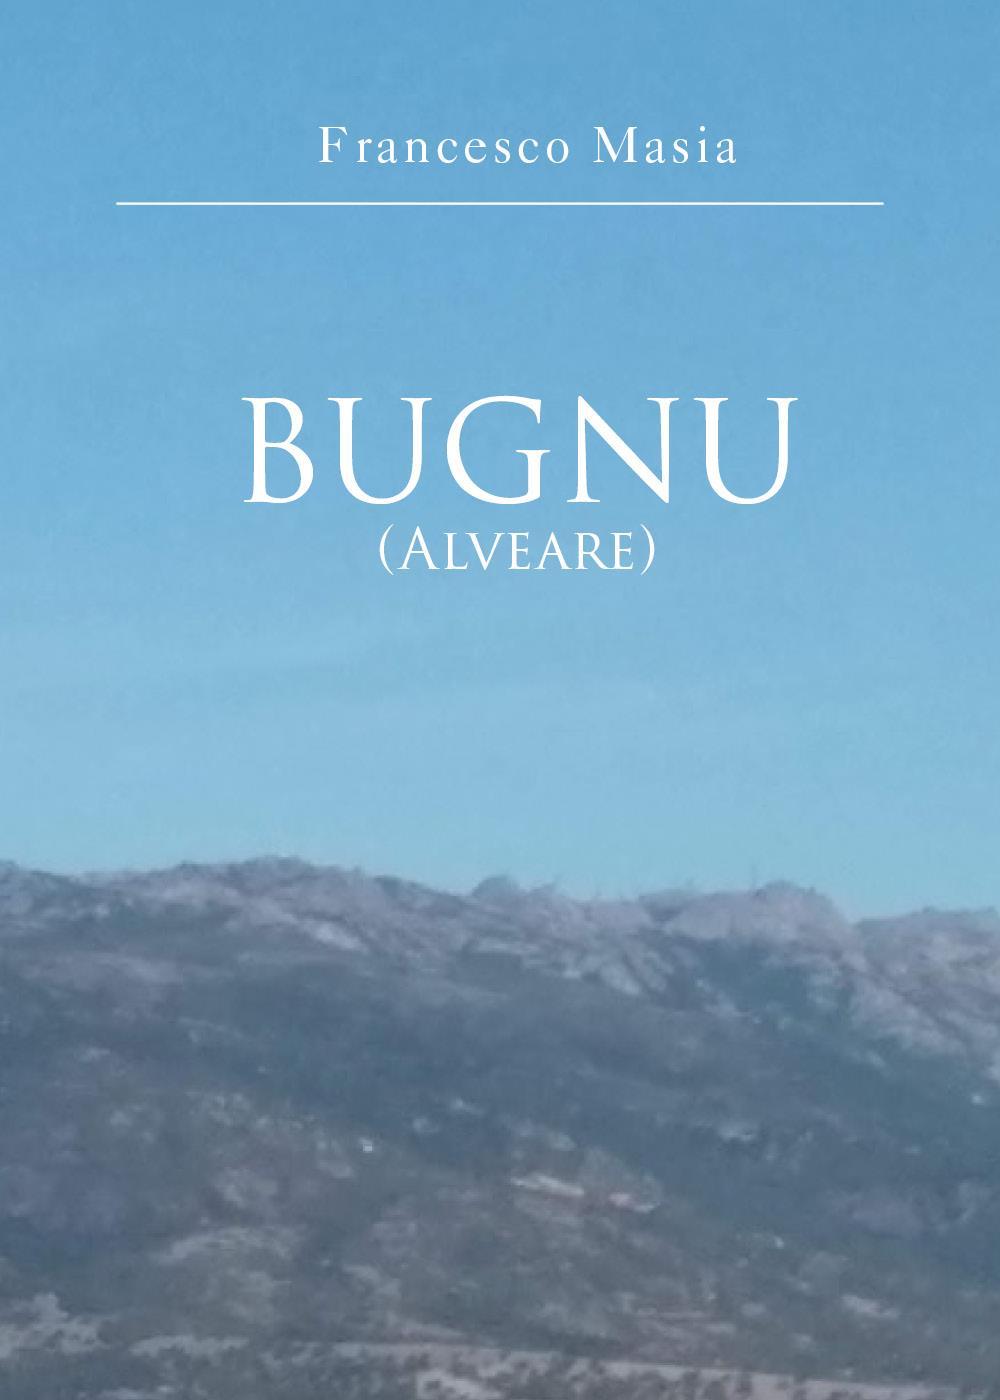 Bugno (alveare)